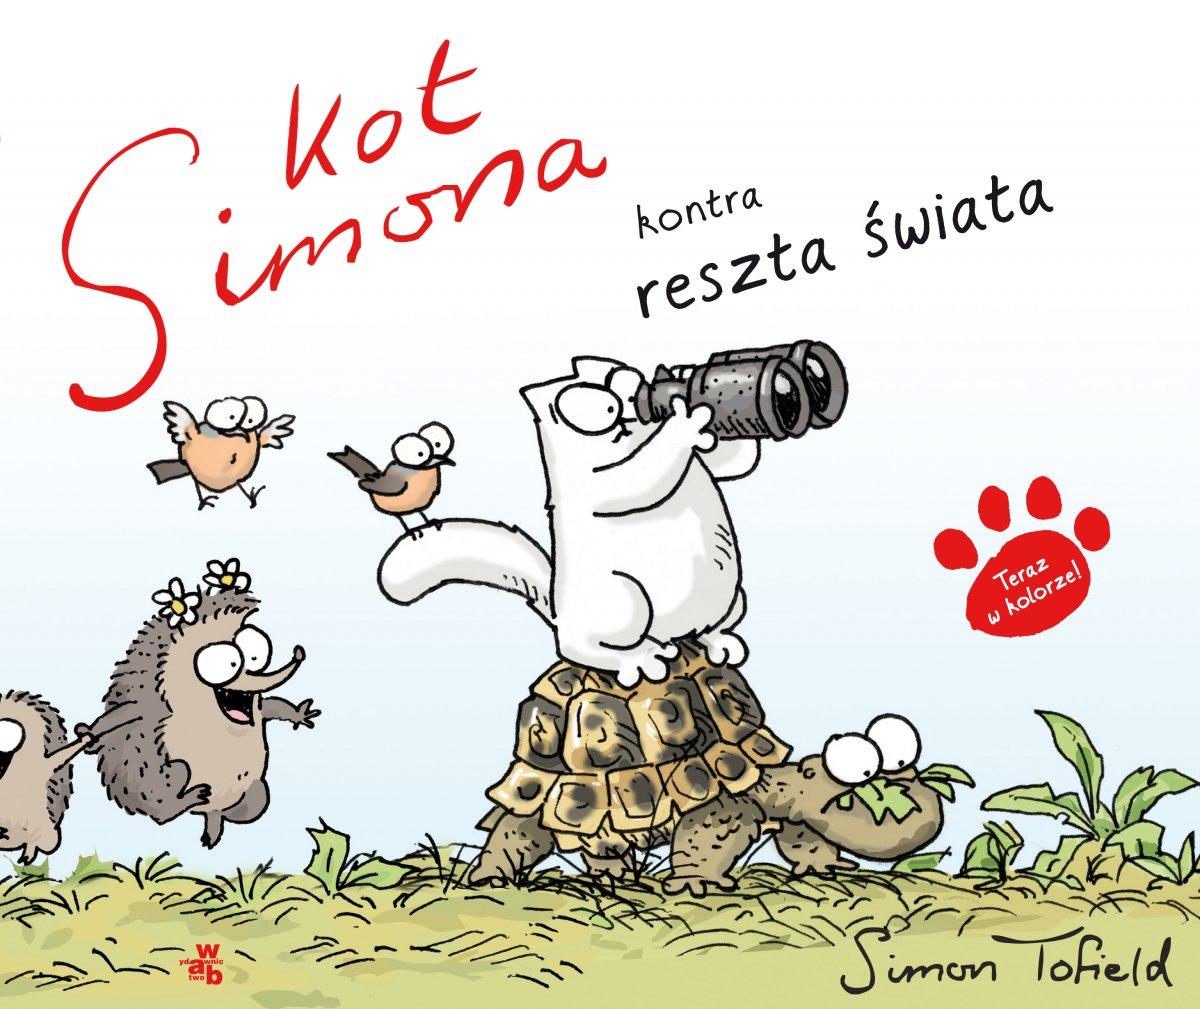 Kot Simona kontra reszta świata - Ebook (Książka PDF) do pobrania w formacie PDF